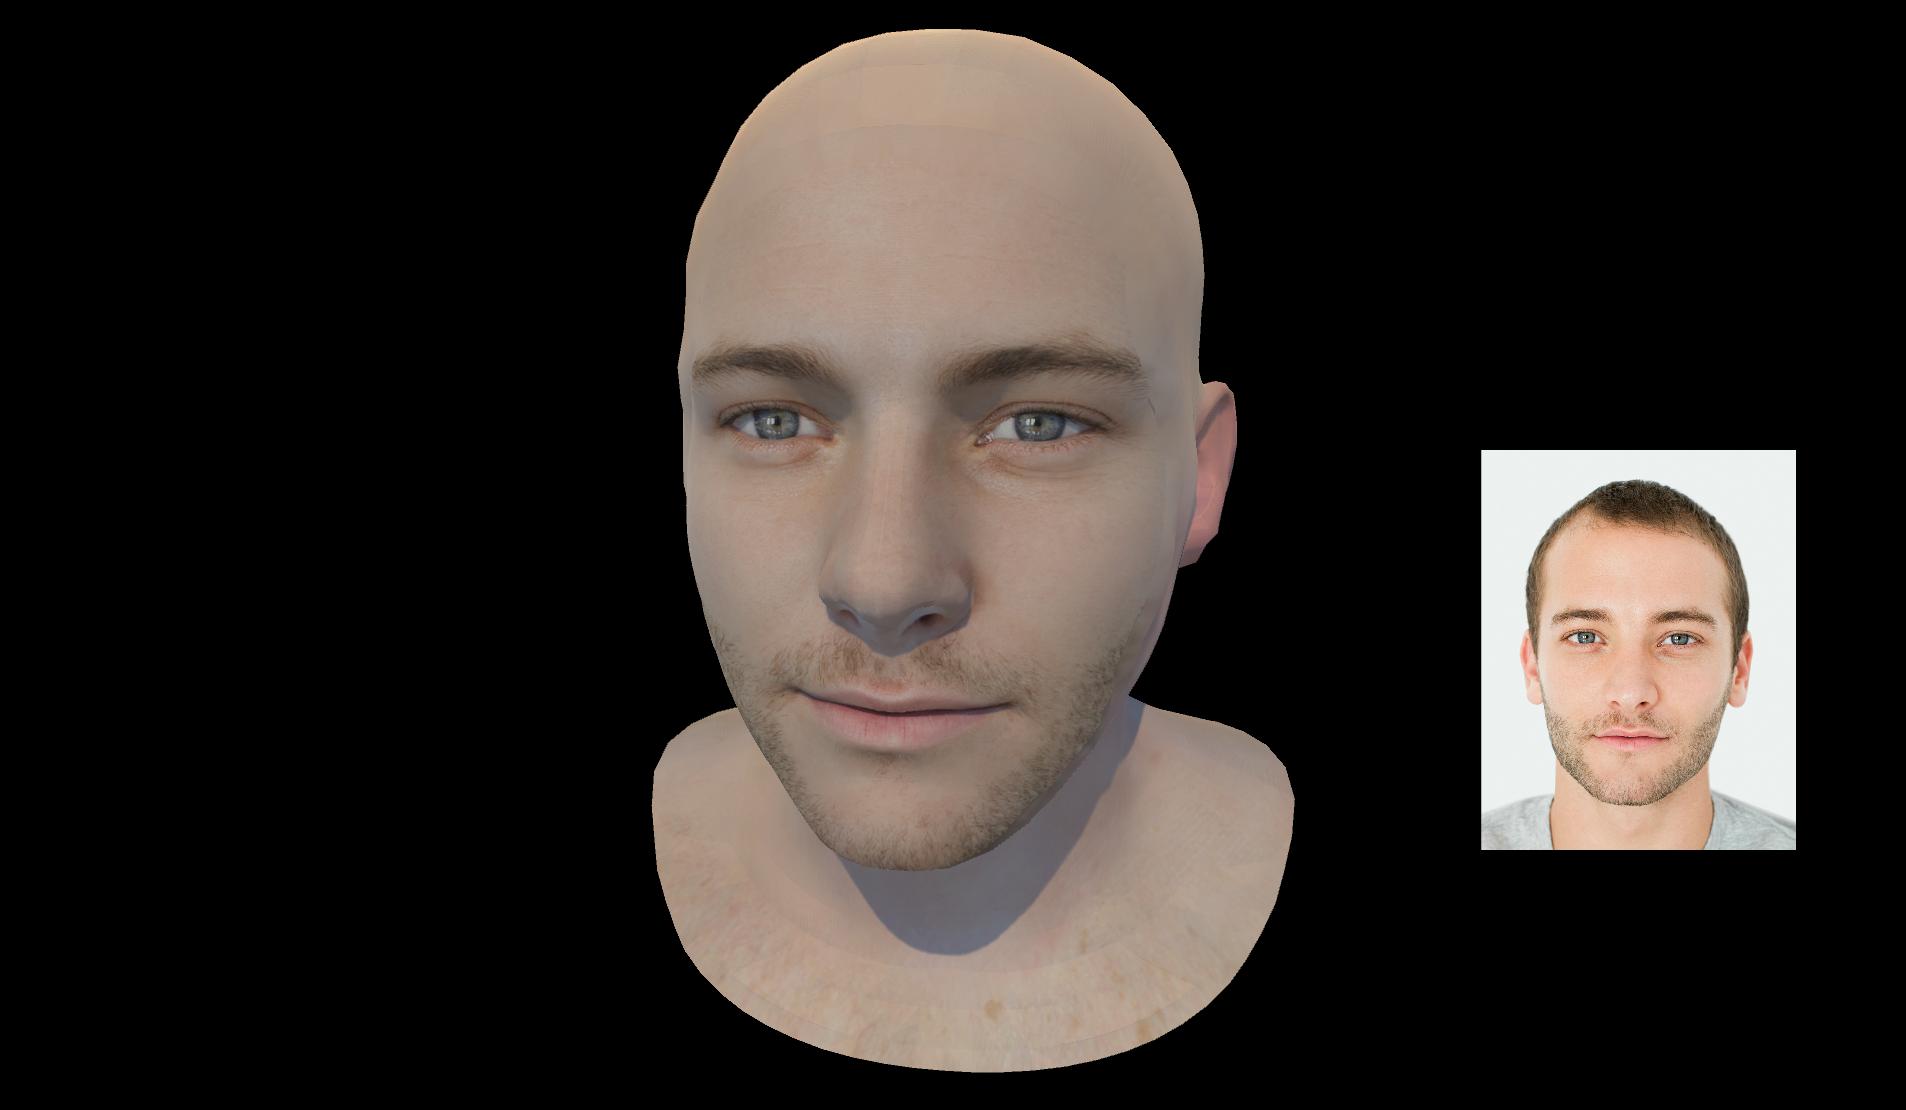 ObEN 3D Virtual Avatar from 2D Selfie